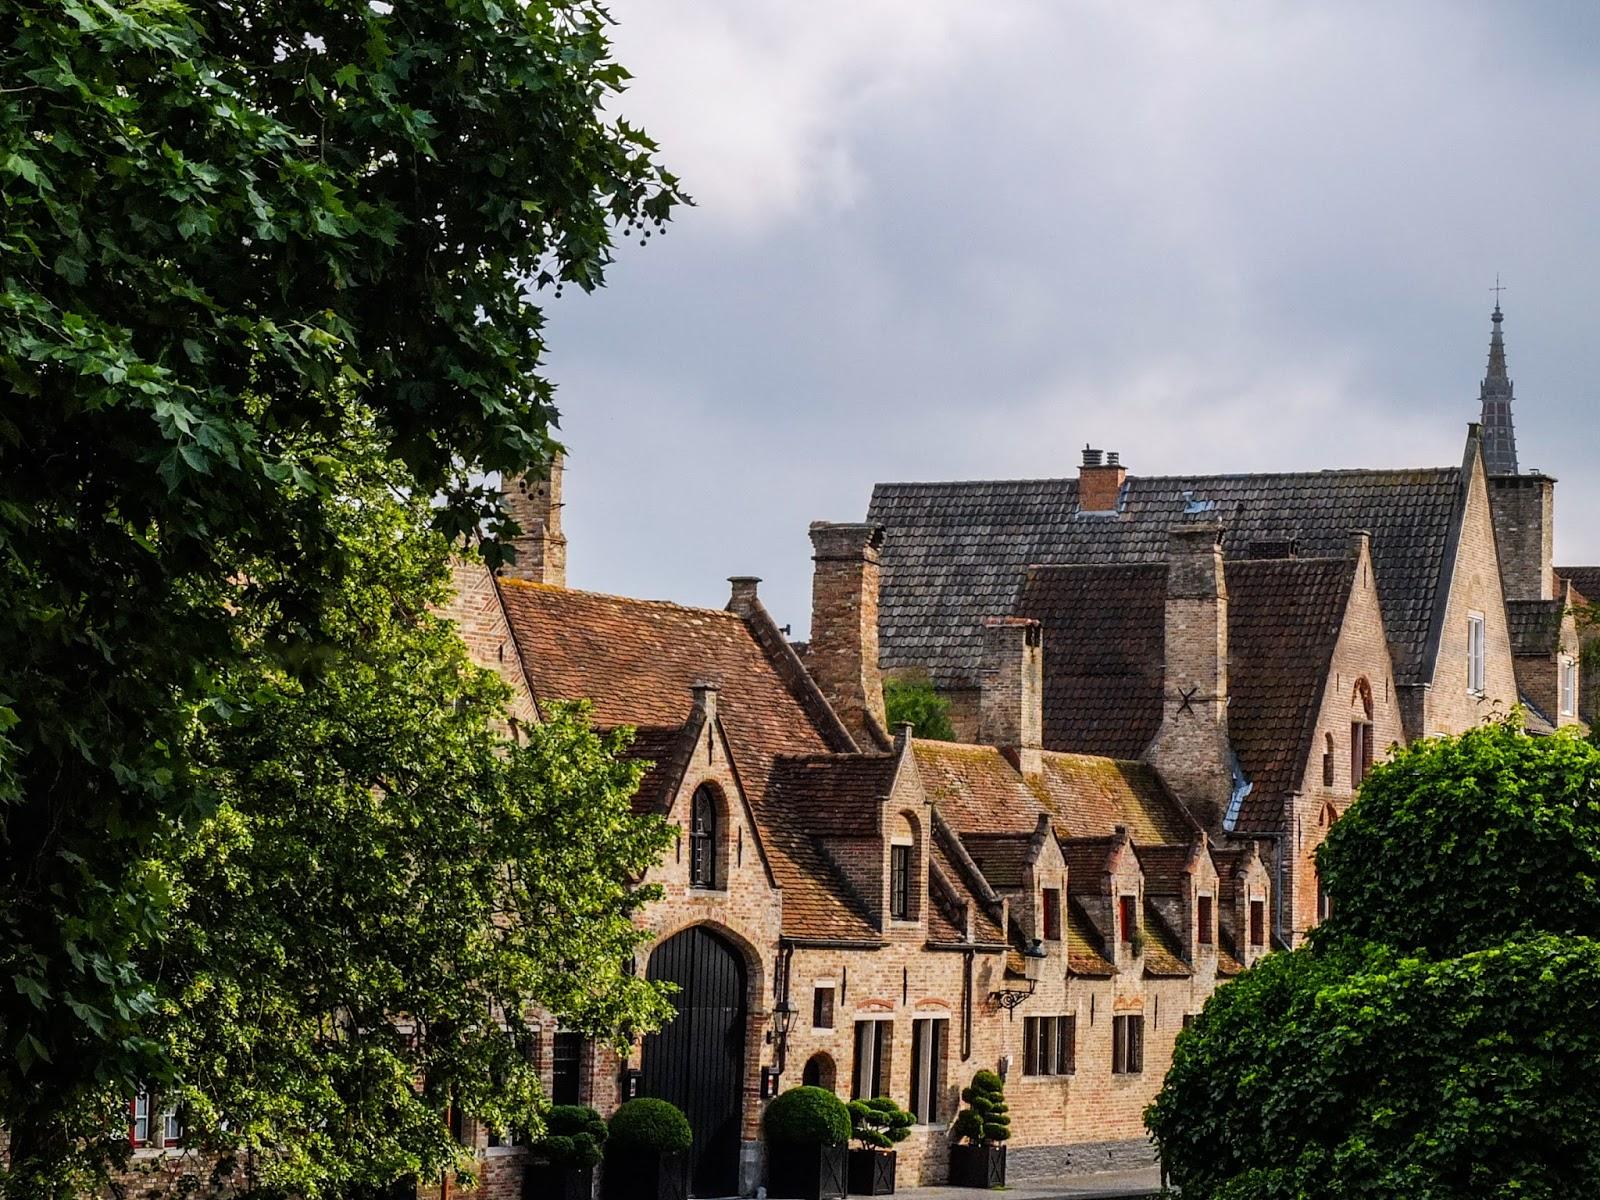 Ancient red brick buildings behind trees in Bruges, Belgium.